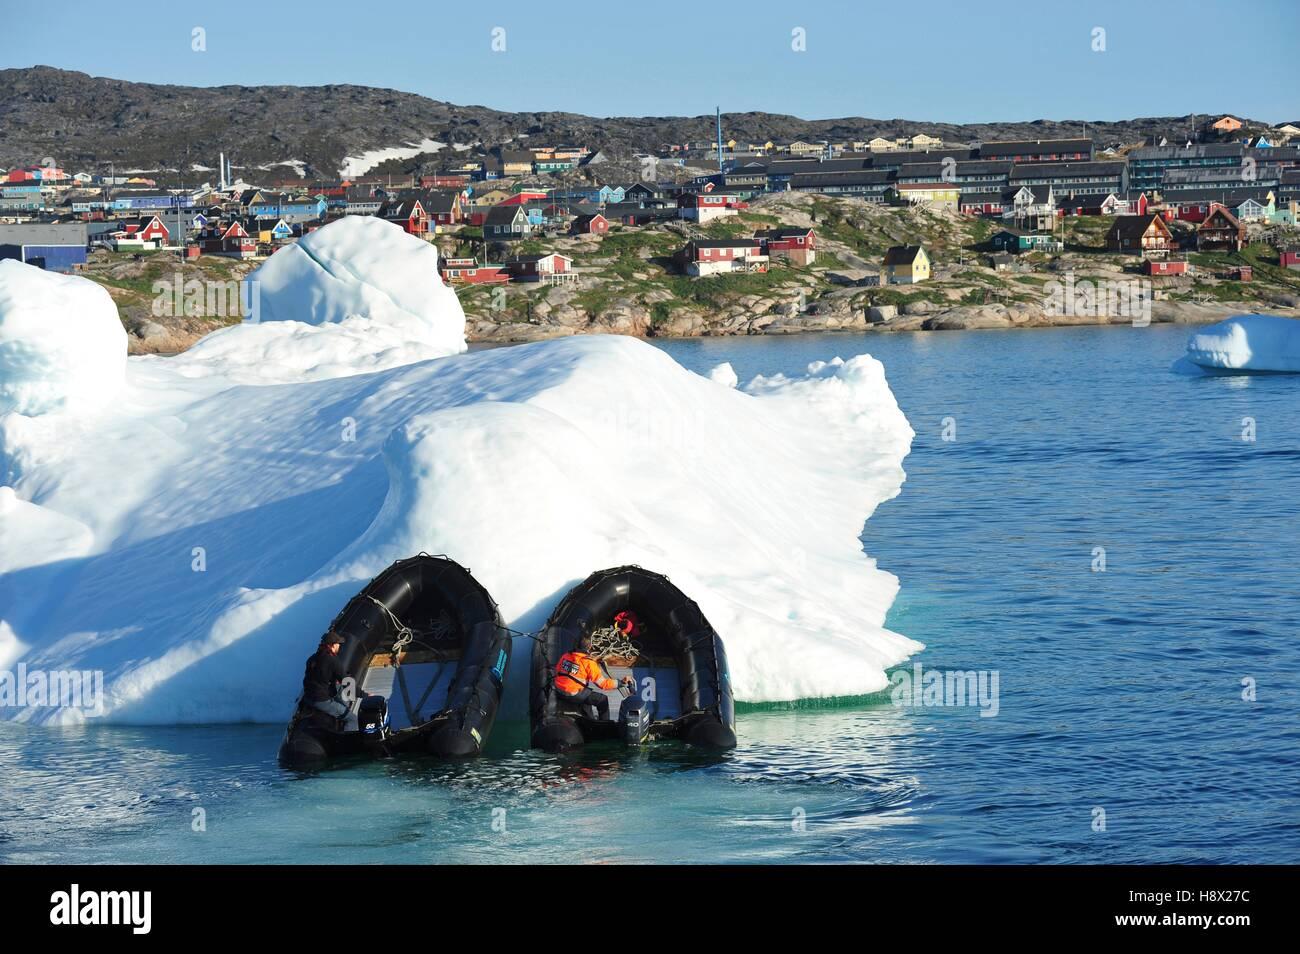 Dinamarca. Groenlandia. Costa oeste. Zodiacs empujando un iceberg para liberar a la entrada del puerto de Ilulissat. Foto de stock